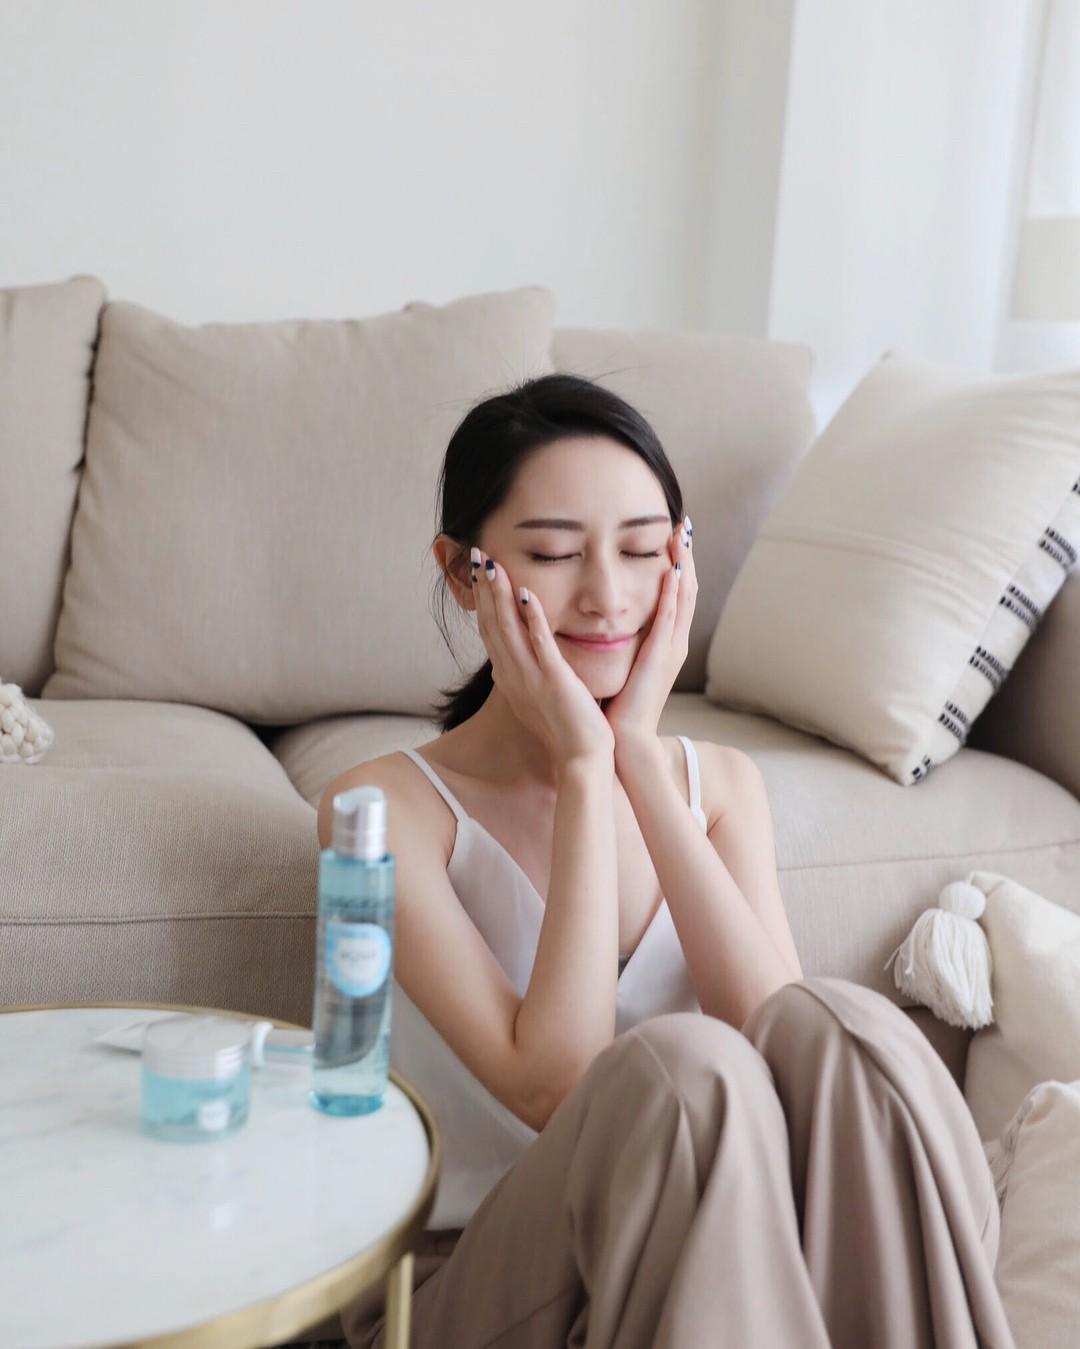 Từ làm sạch đến dưỡng da, đây là 9 sản phẩm có độ pH lý tưởng, an toàn tuyệt đối cho mọi làn da - Ảnh 1.